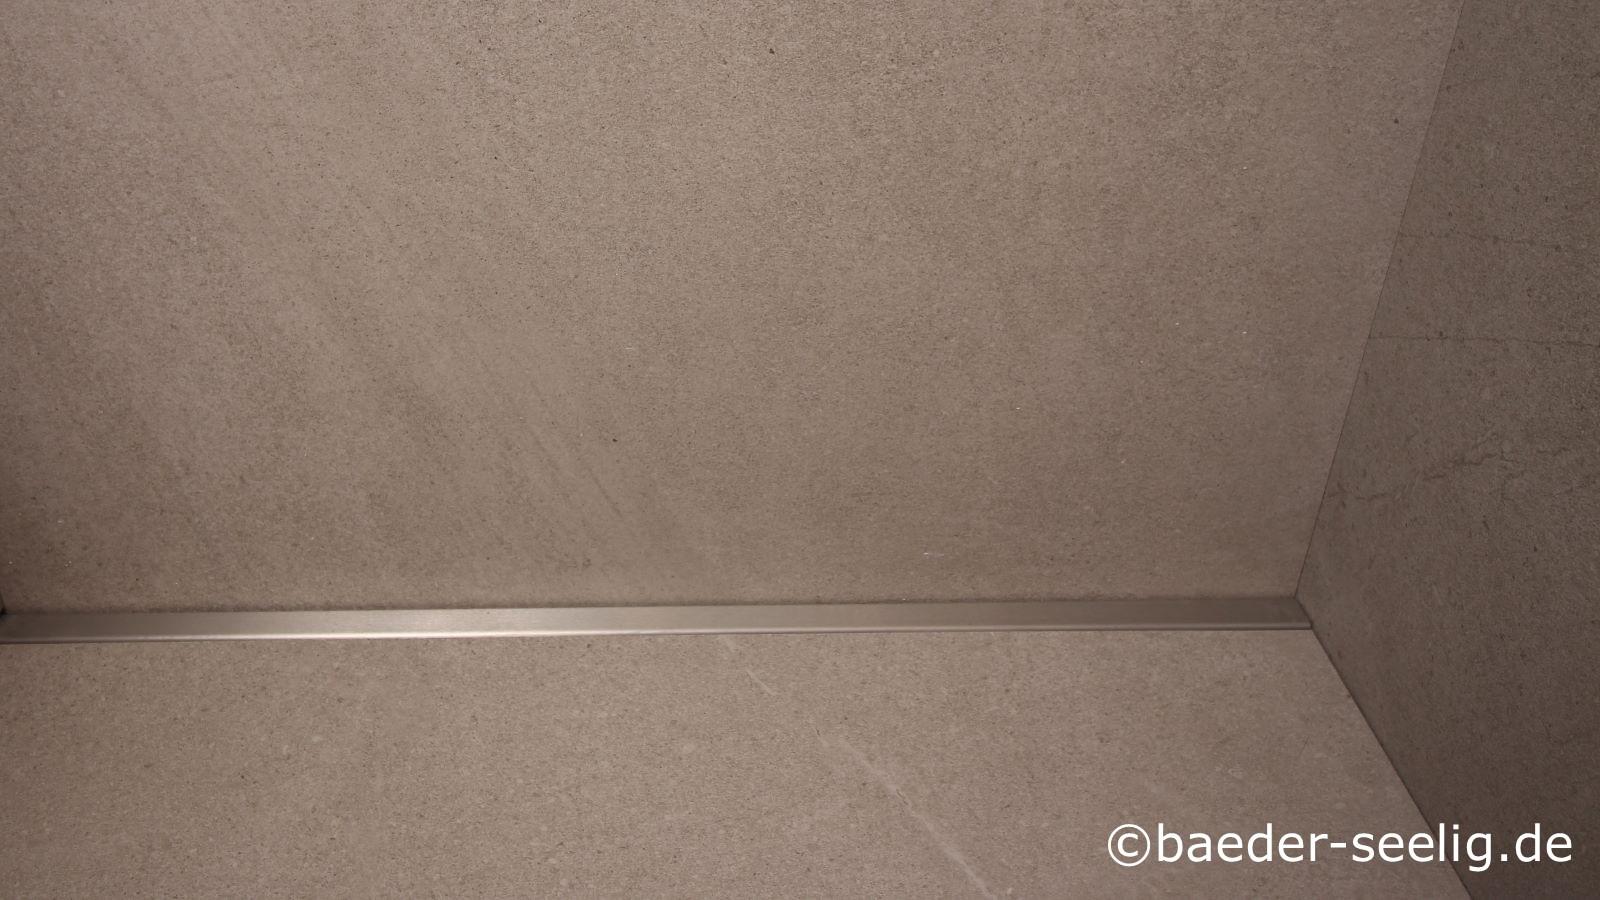 Auf dem foto ist die superflache v4a edestahl-duschrinne nach mass mit extrem geringer einbauhoehe wandbuendig in eine ebenerdige duschkabine eingebaut. Mit nur 20 mm einbauhoehe ist die ultraflache duschrinne pro die flachste erhaeltliche duschrinne auf dem markt. Sie wird von 50 cm – 300 cm laenge massgefertigt, auch mit individuellen wandaufkantungen sowie senkrechtem ablauf mittig, seitlich oder cm-genau an jeder anderen stelle, frei konfigurierbar. Auf dem foto ist durch die hohe wandaufkantung hinten an der langen seite, links und rechts und vorne mit dem 10 cm breiten horizontalen klebeflansch die optimale abdichtung, herstellung des einseitigen gefaelleestrichs, verlegung von xxl fliesen in dieser bodengleichen dusche erfolgt. Die bodengleiche duschrinne pro ist ideal fuer jede barrierefreie badsanierung, fuer pflegeleichte duschen fast ohne fugen geeignet, besonders beim nachtraeglichen einbau bodentiefer duschkabinen, wie auf dem foto sichtbar. Sie ist somit die erste wahl fuer jede barrierefreie badmodernisierung im baubestand, besonders im altbau mit den sehr geringen aufbauhoehen und hindernissen im boden wie holzbalken, versorgungsrohren und leitungen.